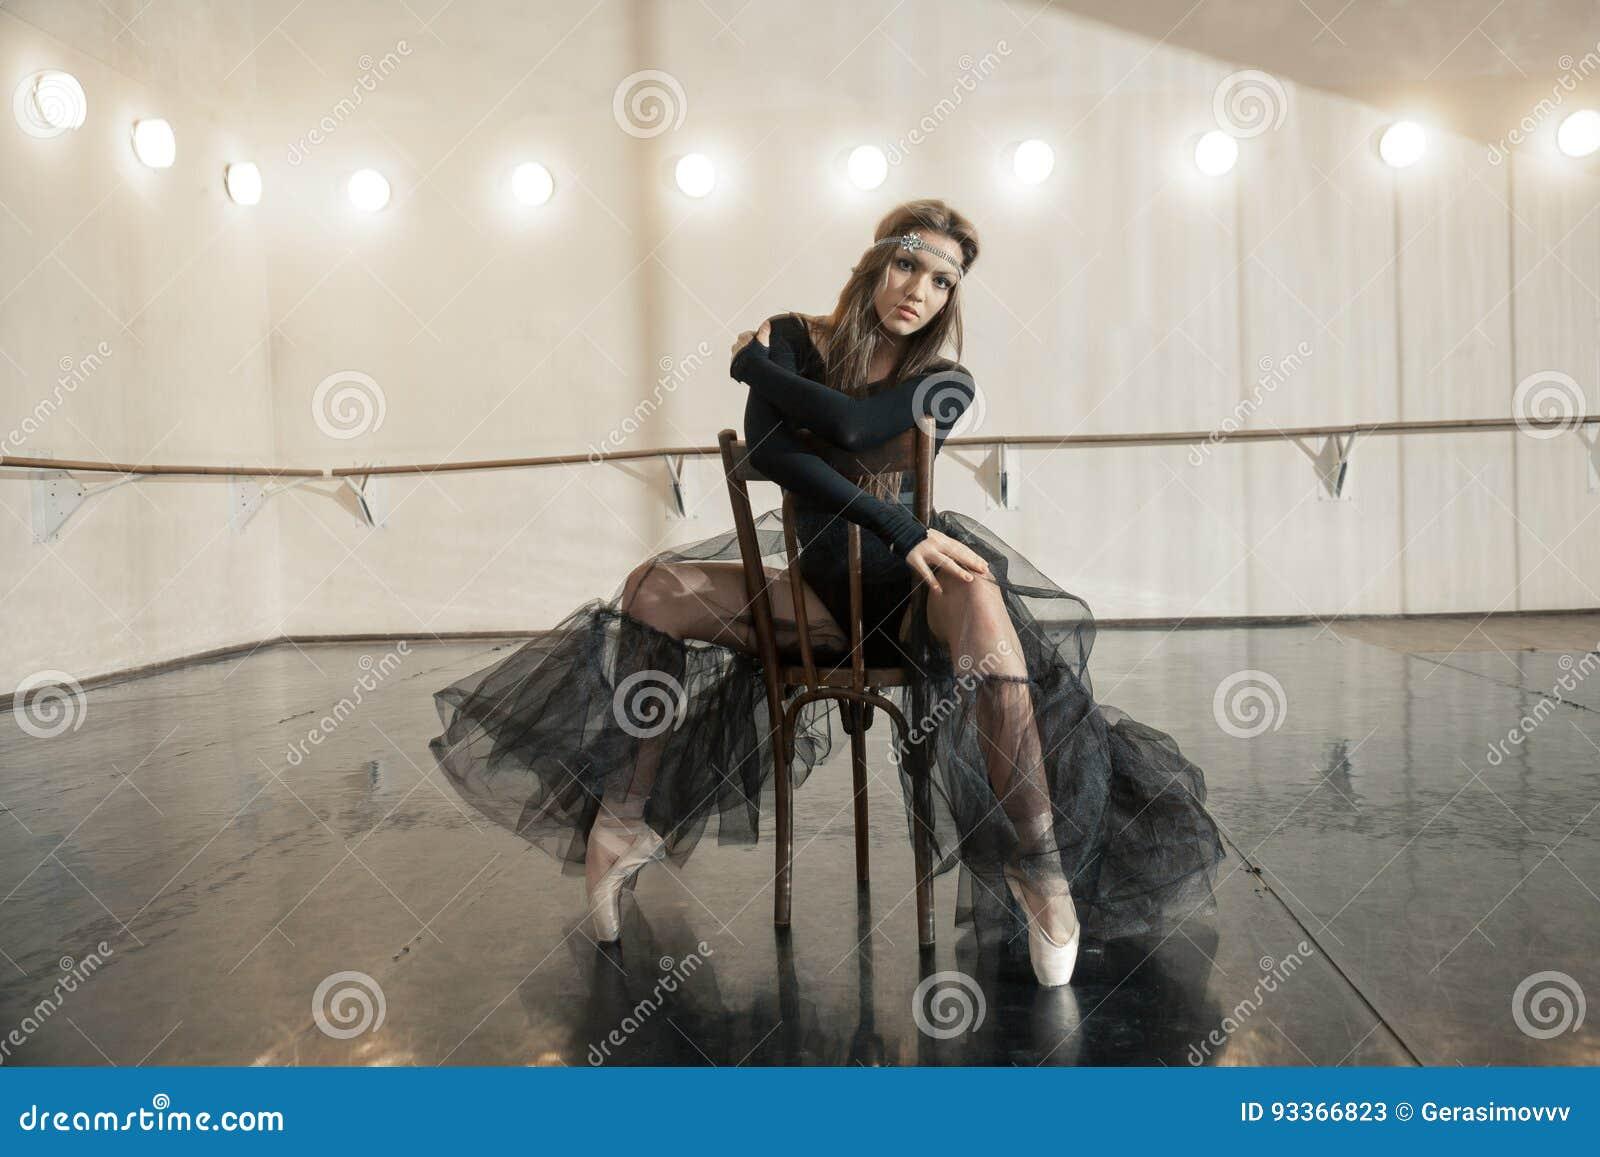 Bailarín de ballet contemporáneo en una silla de madera en una repetición